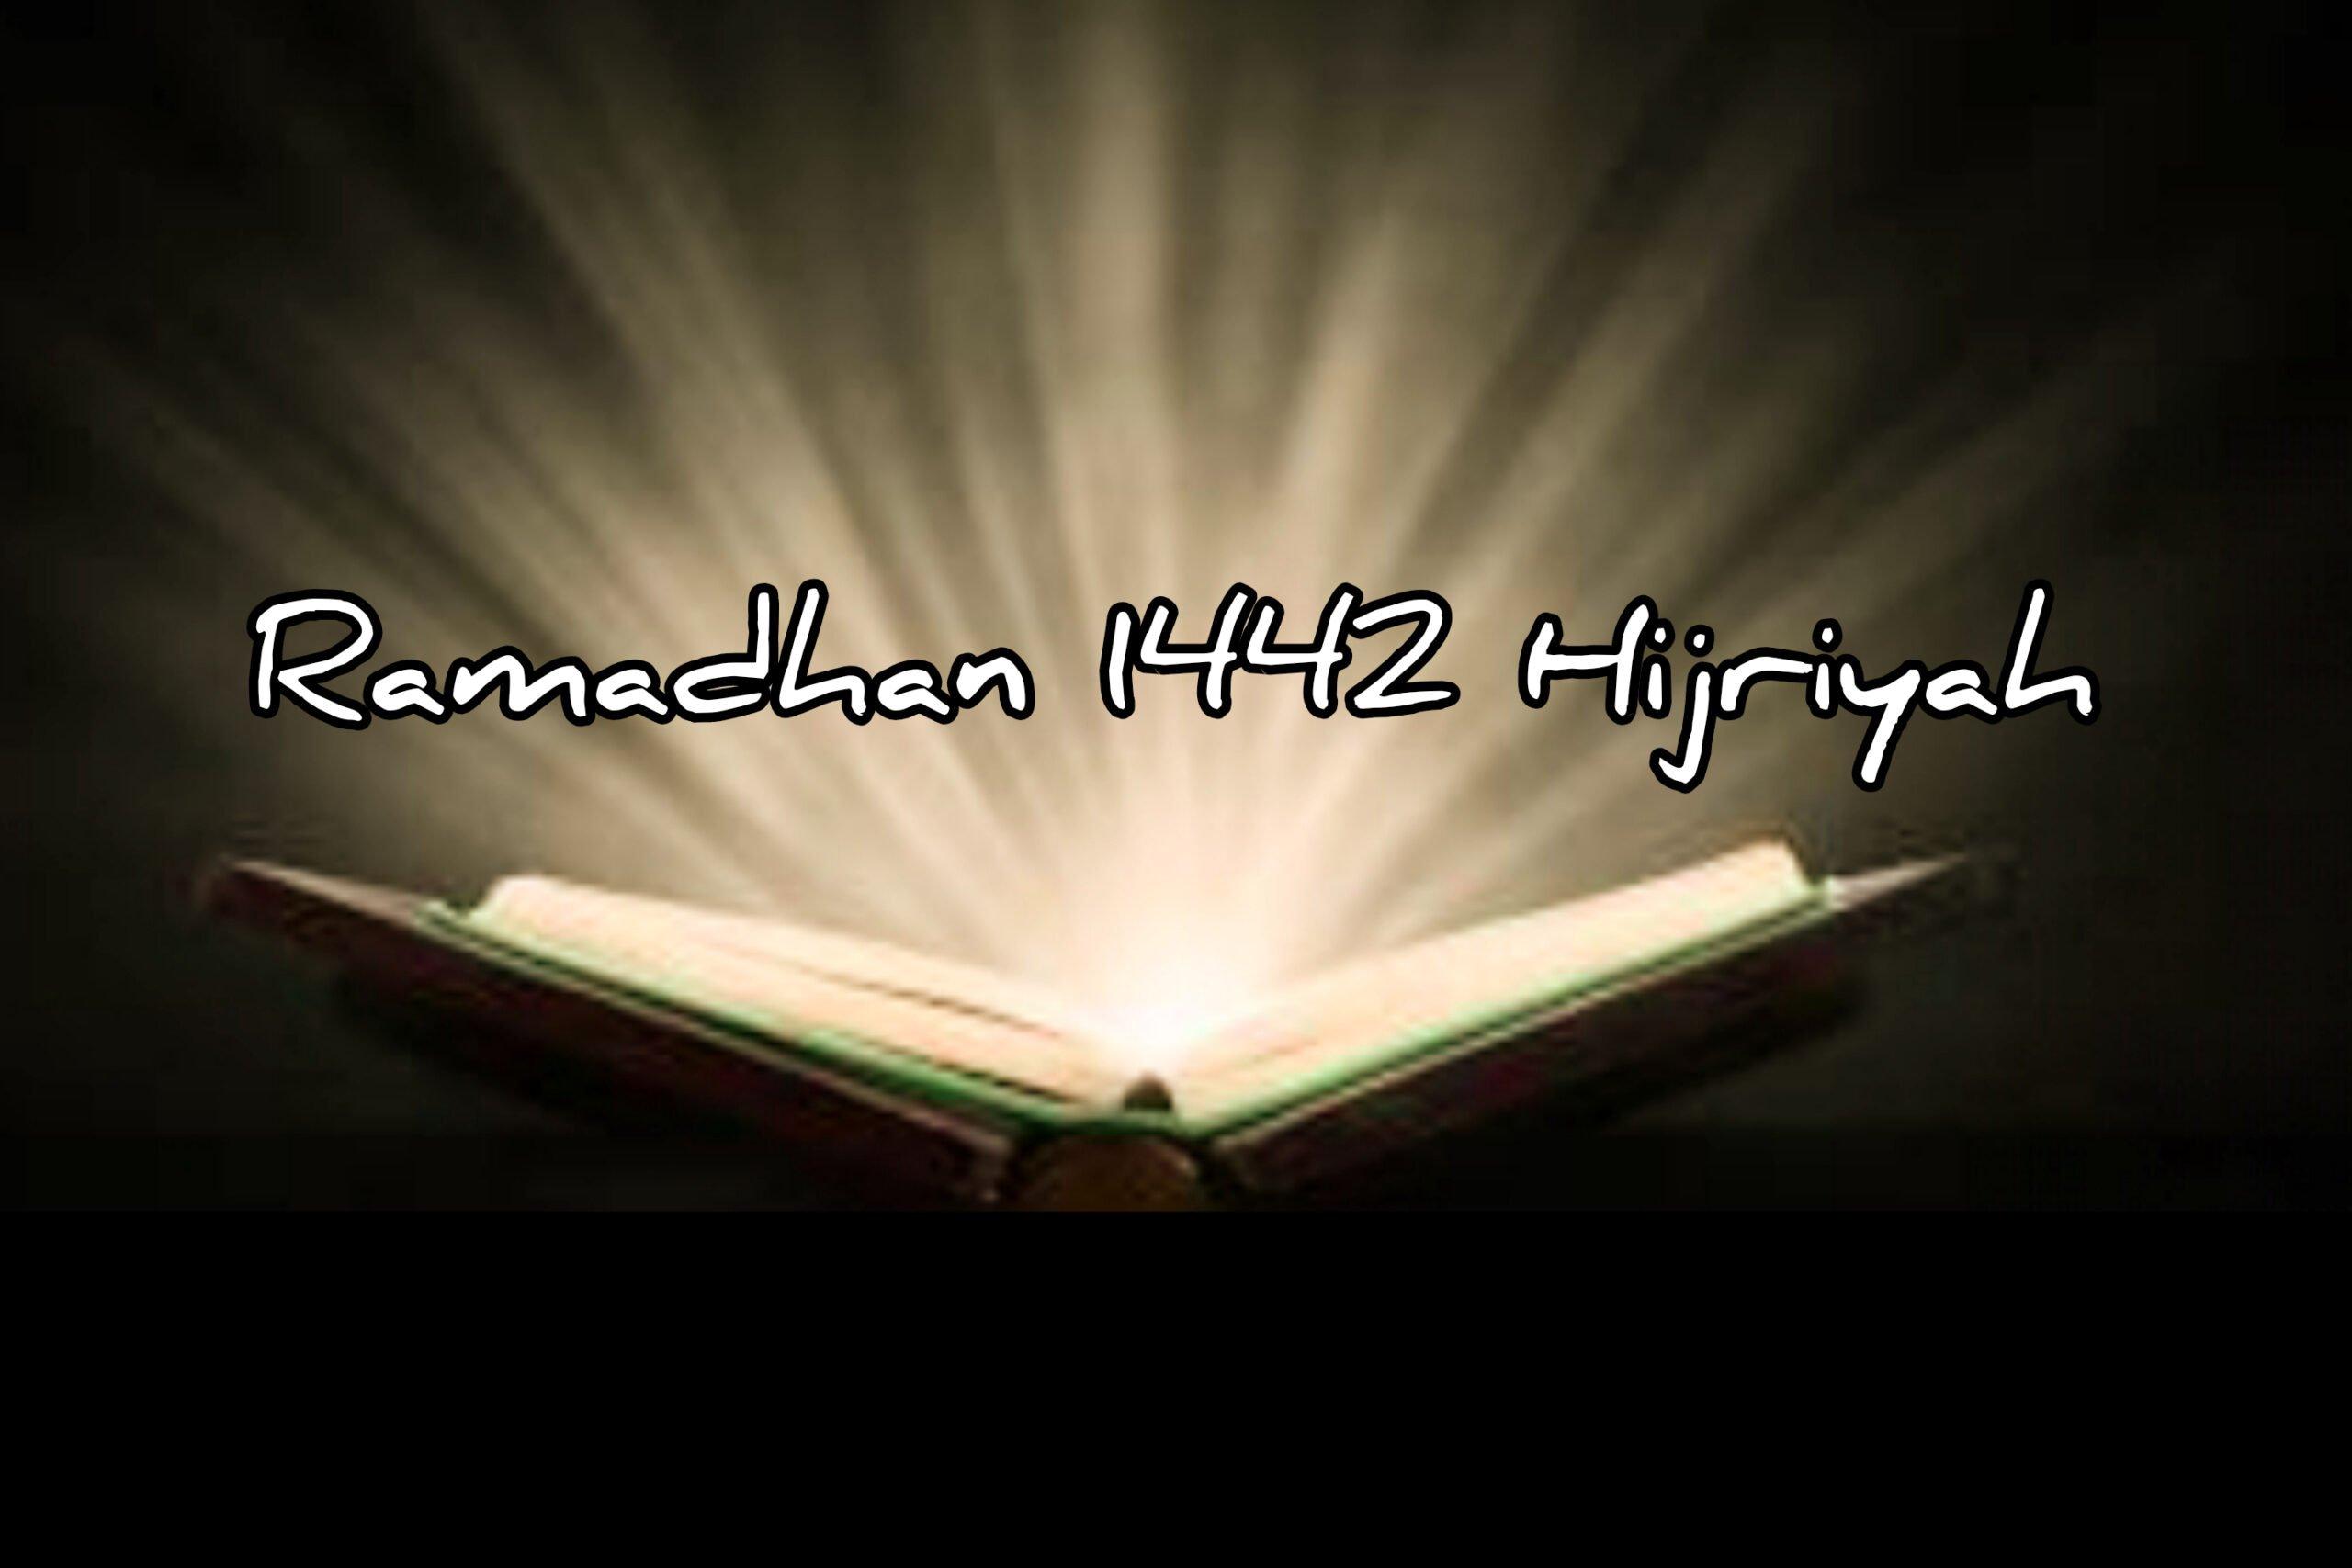 Muhammadiyah Menetapkan 1 Ramadhan 1442 Hijriyah Jatuh Pada 13 April 2021 Masehi 235